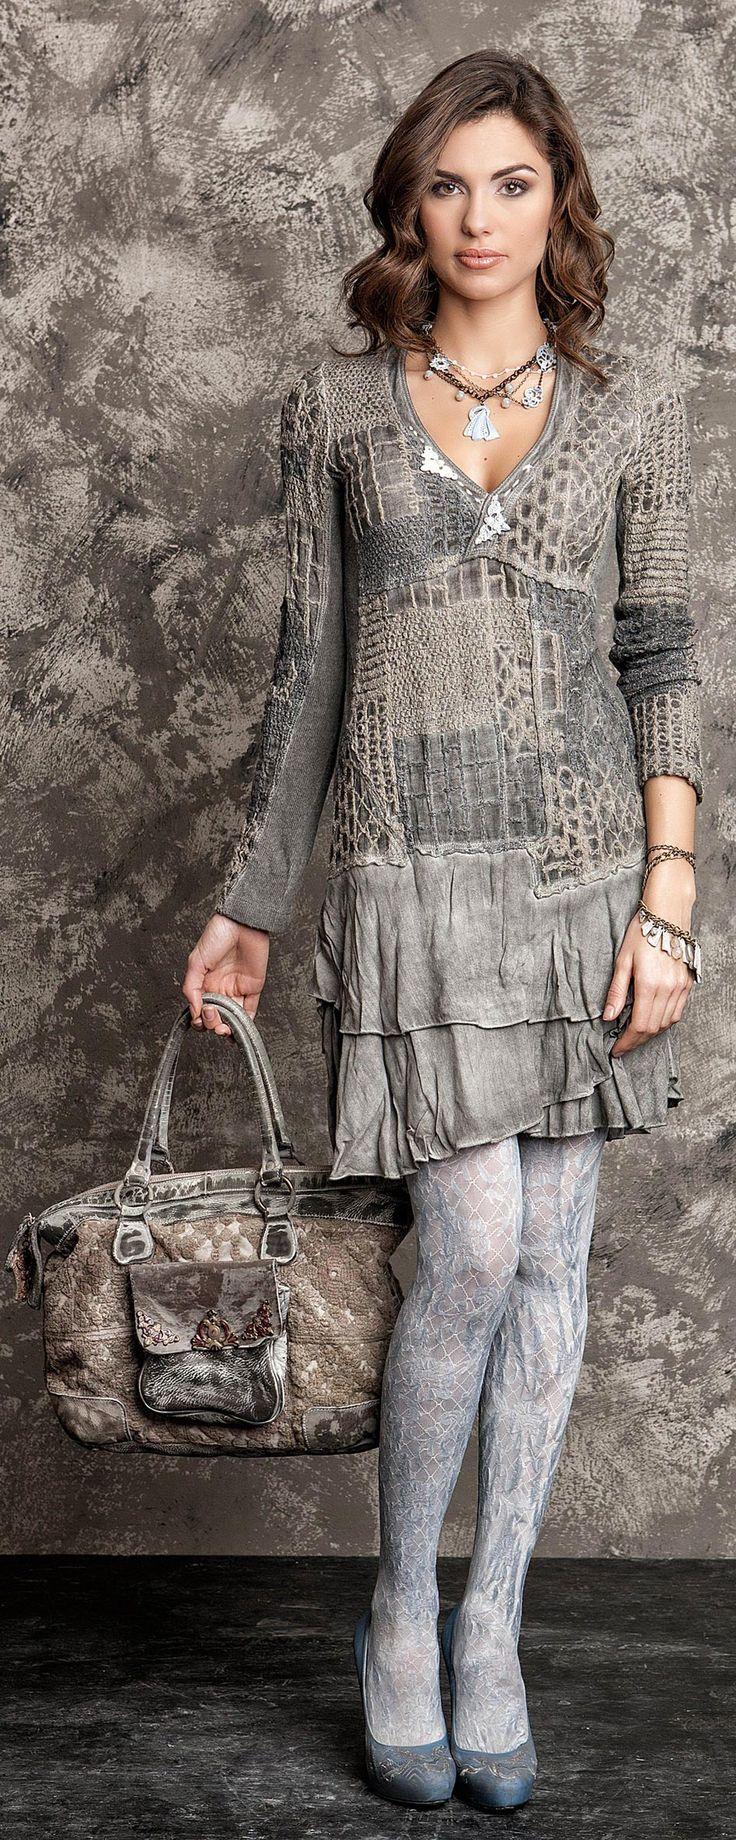 Bag. Vintage lace. Cтиль Этно / Бохо / Шебби Шик. Романтический. Мода. Браслеты…